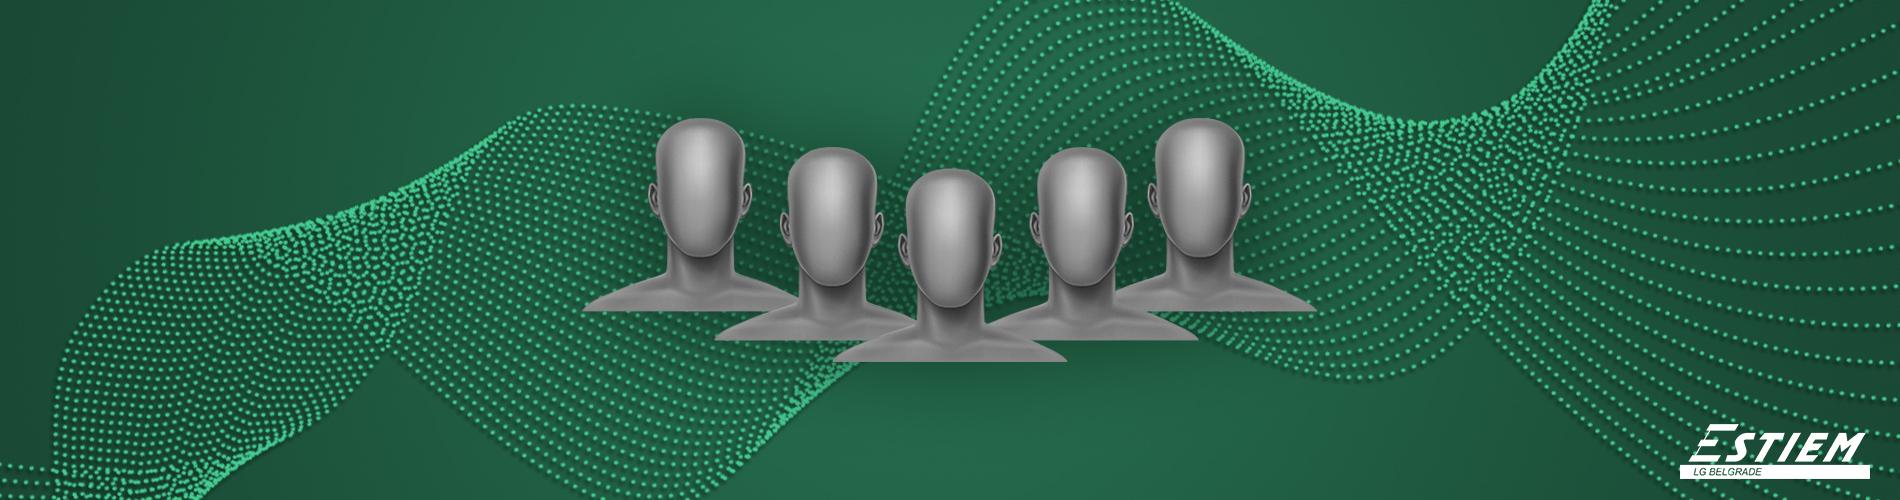 organizacioni tim